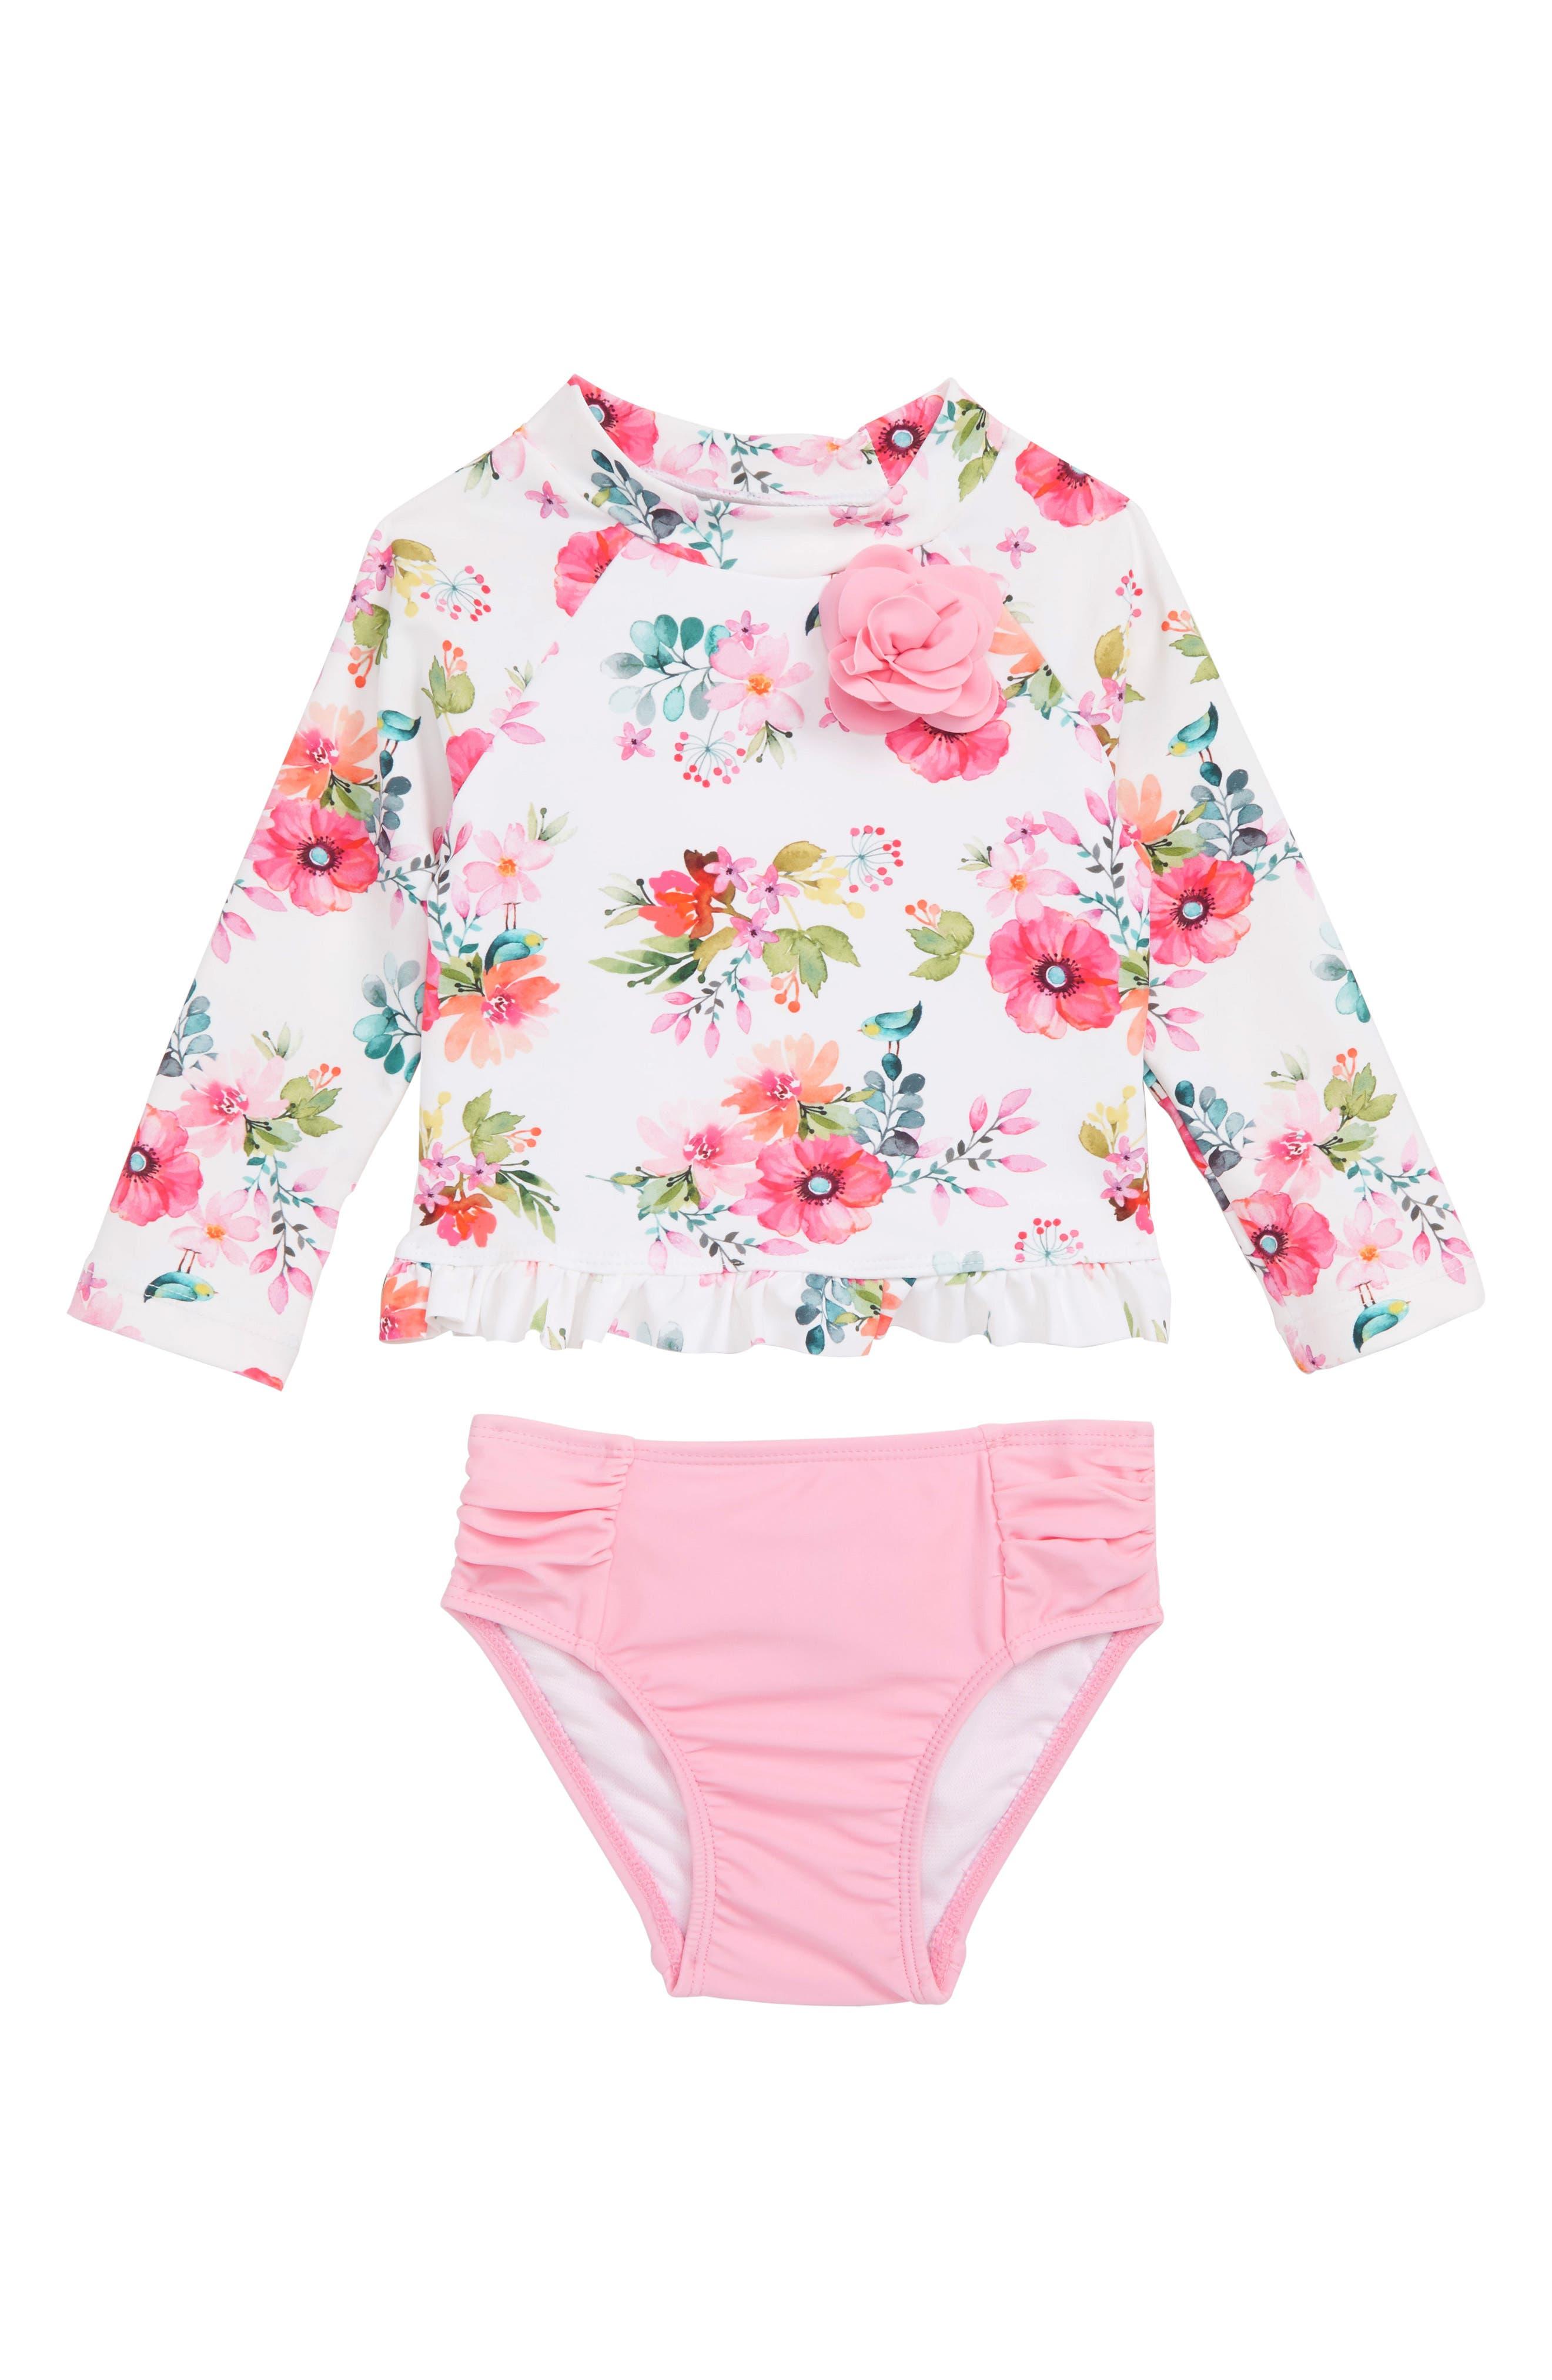 LITTLE ME Watercolor Floral Two-Piece Rashguard Swimsuit, Main, color, FLORAL